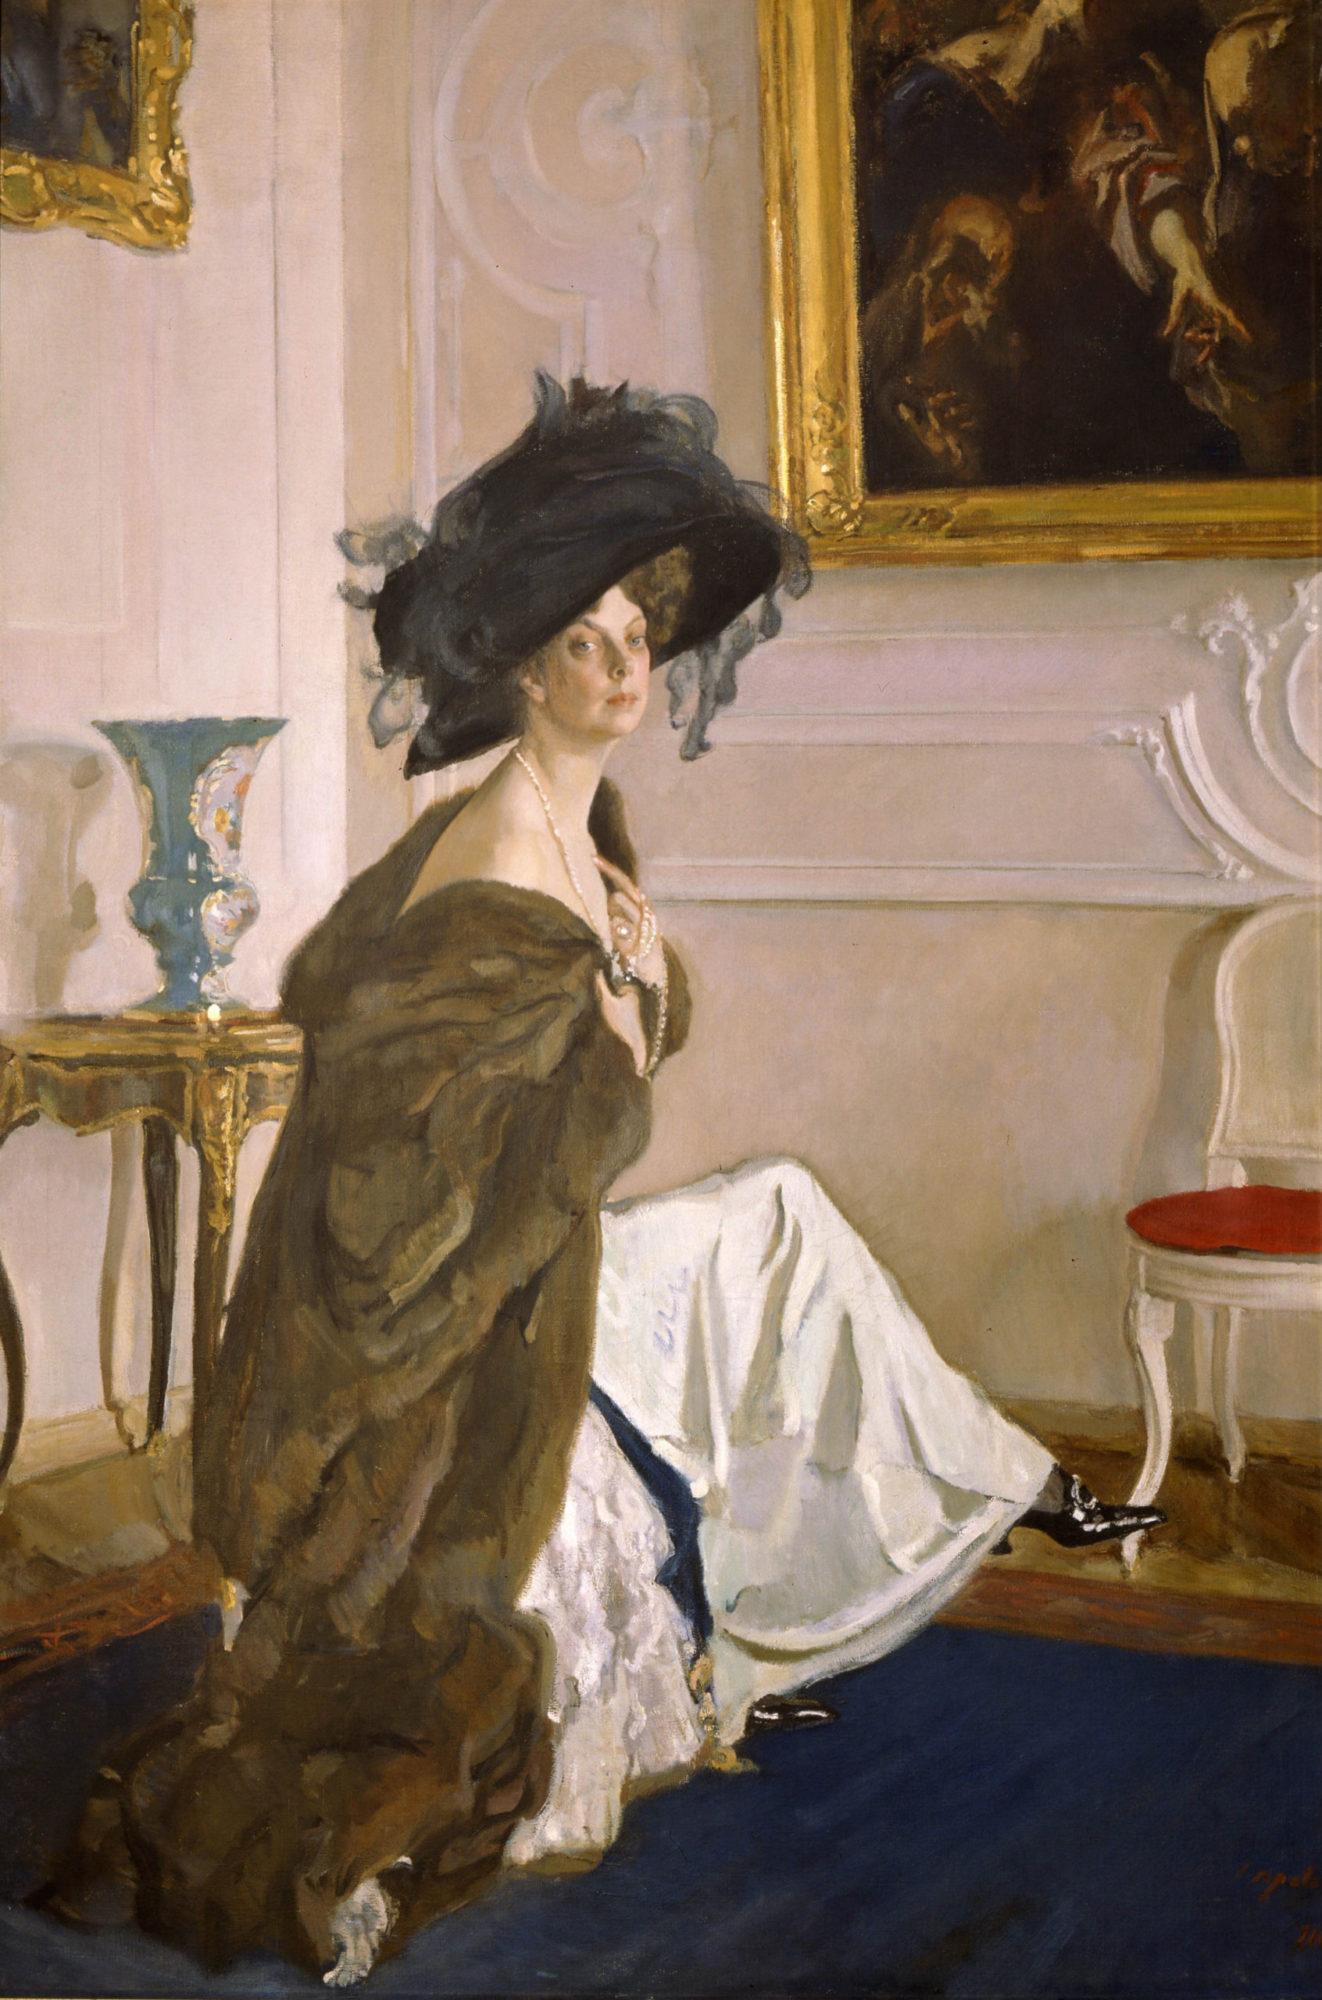 Валентин Серов, 1911 год, картина «Портрет княгини Ольги Орловой».